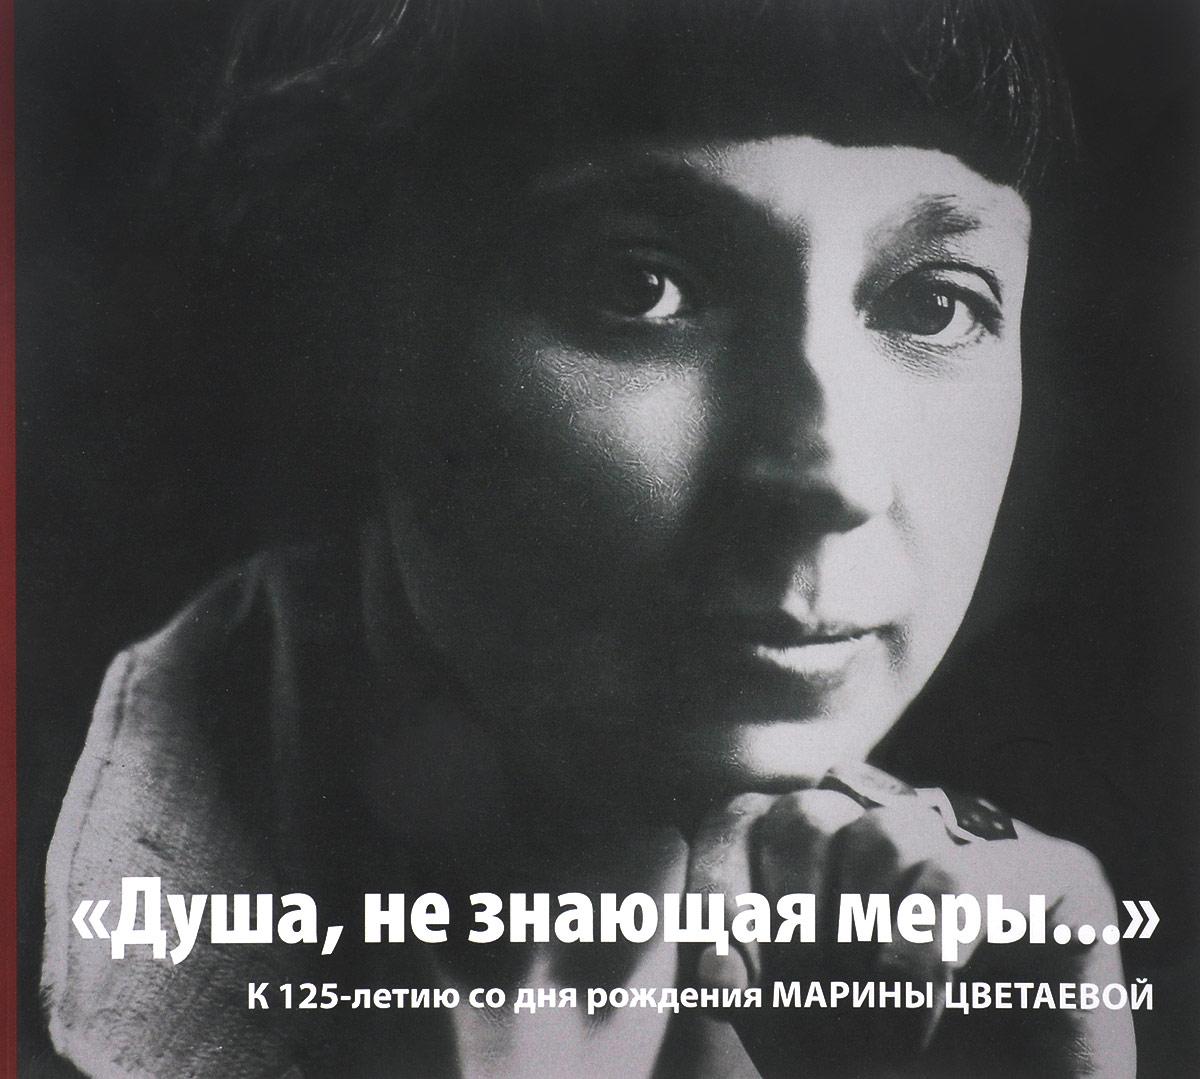 Душа, не знающая меры... К 125-летию со дня рождения Марины Цветаевой. Альбом-каталог выставки